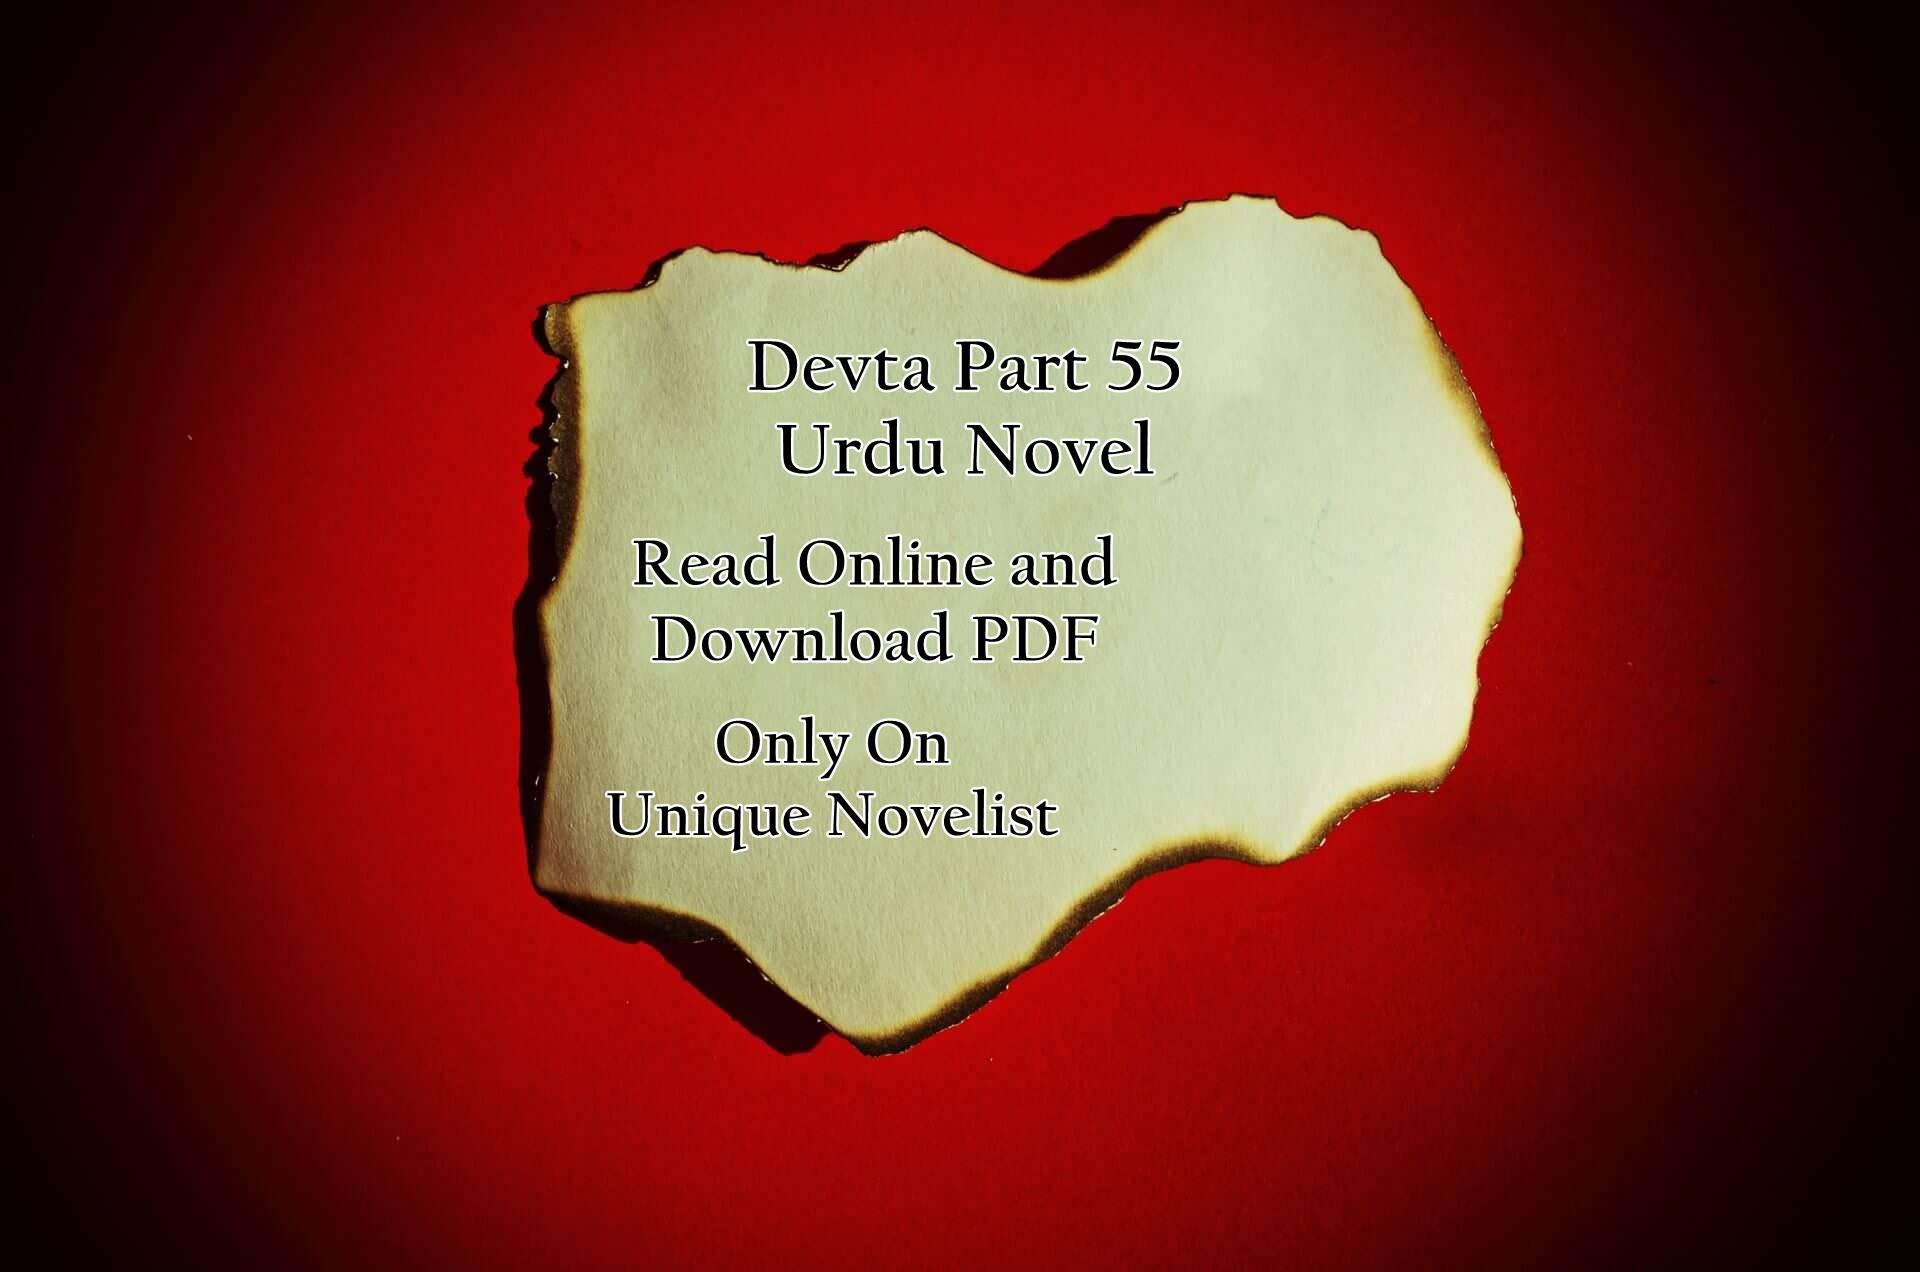 Devta Part 55 Urdu Novel Download